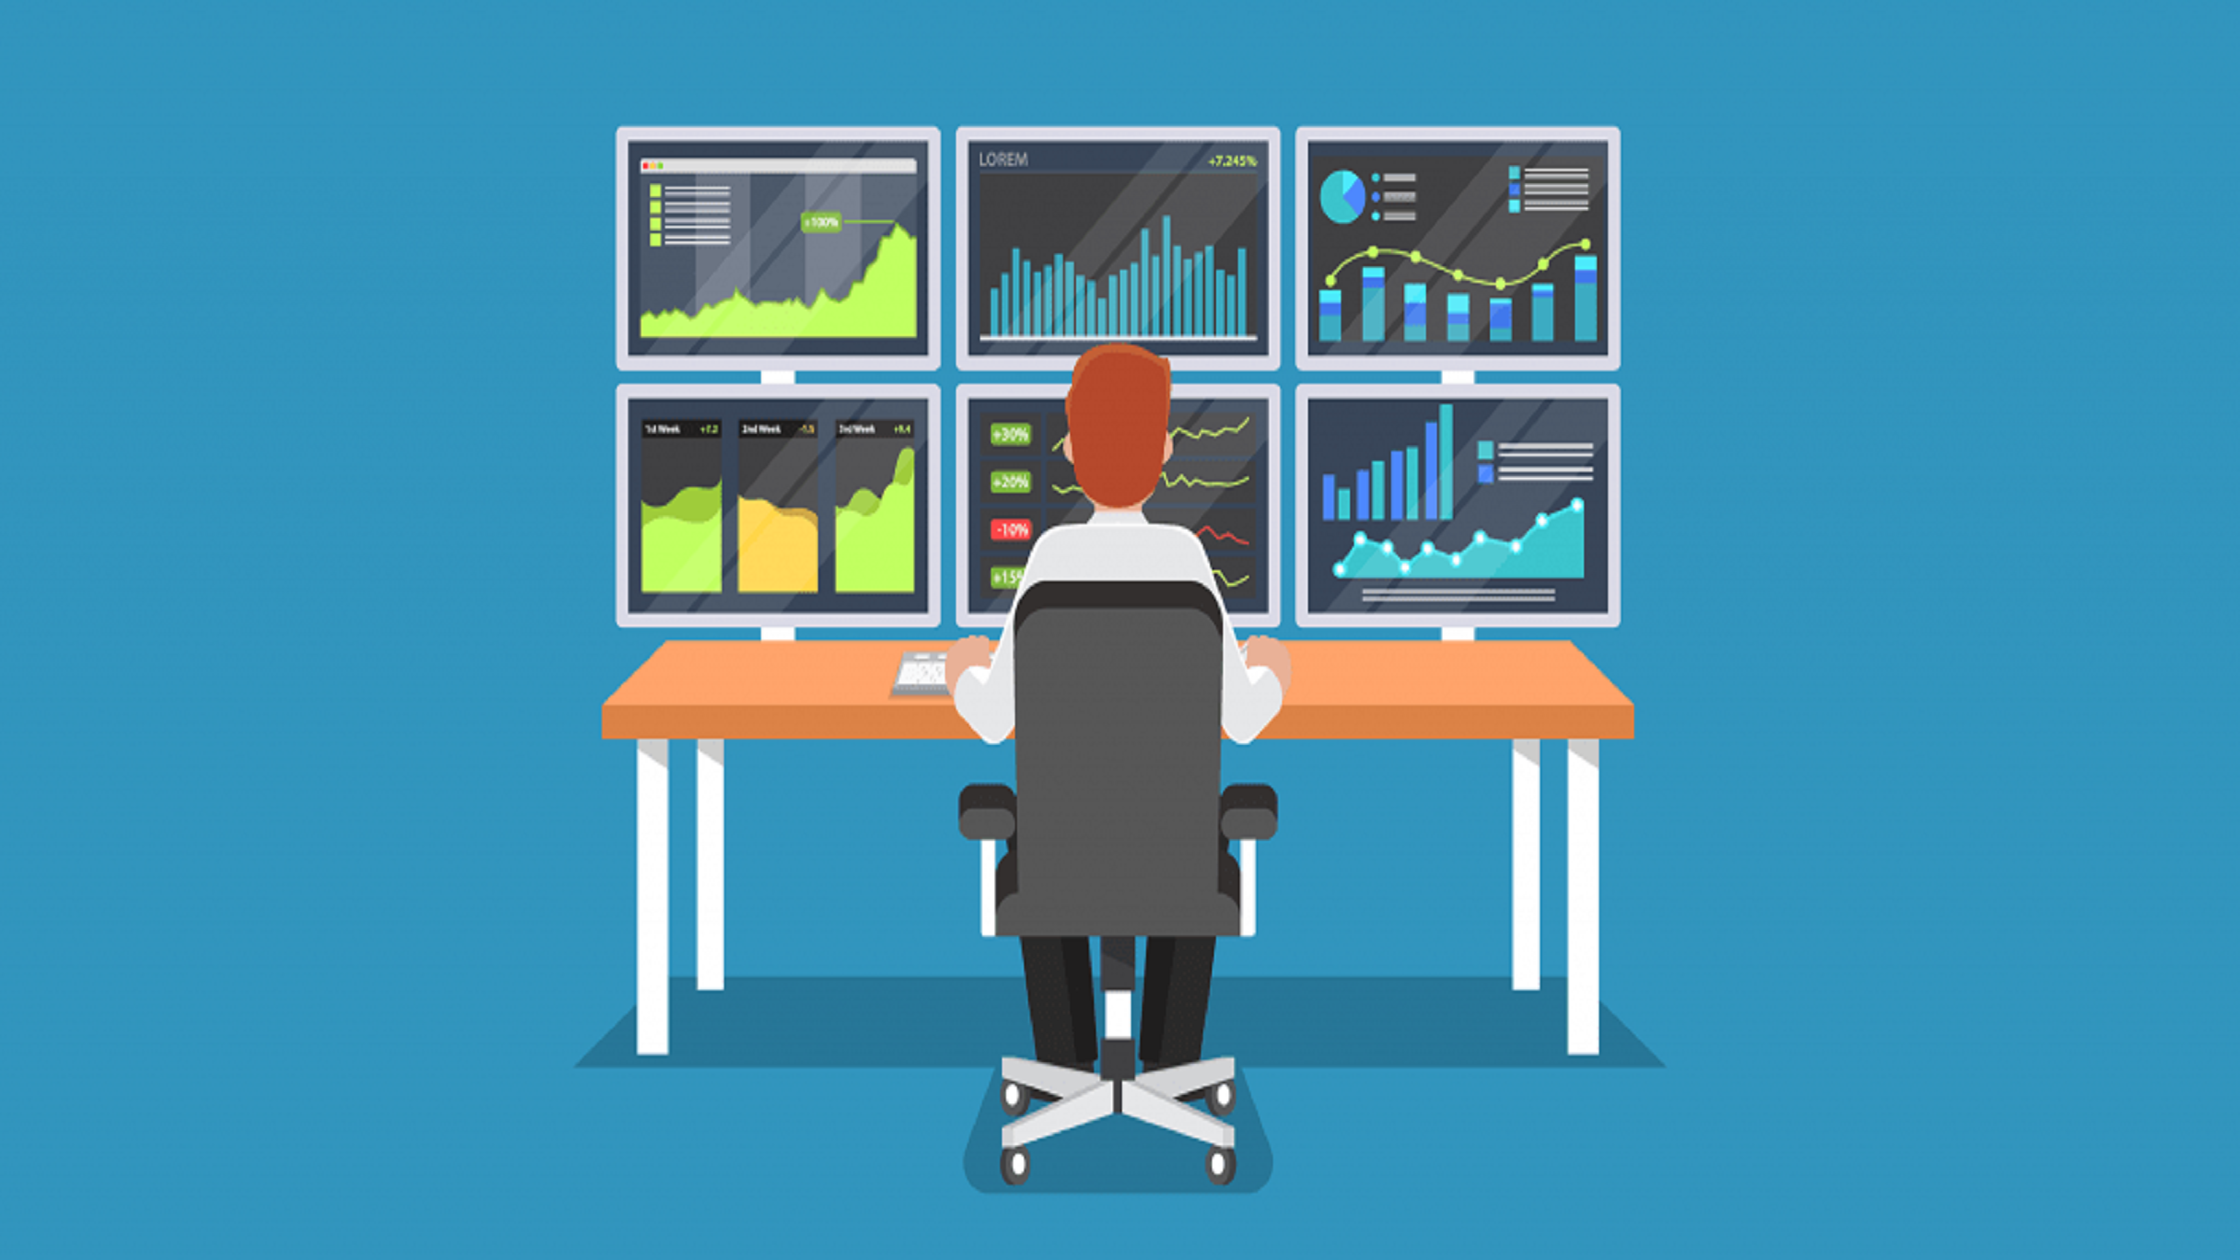 Daftar Aplikasi Monitoring Jaringan Komputer untuk PC dan Android